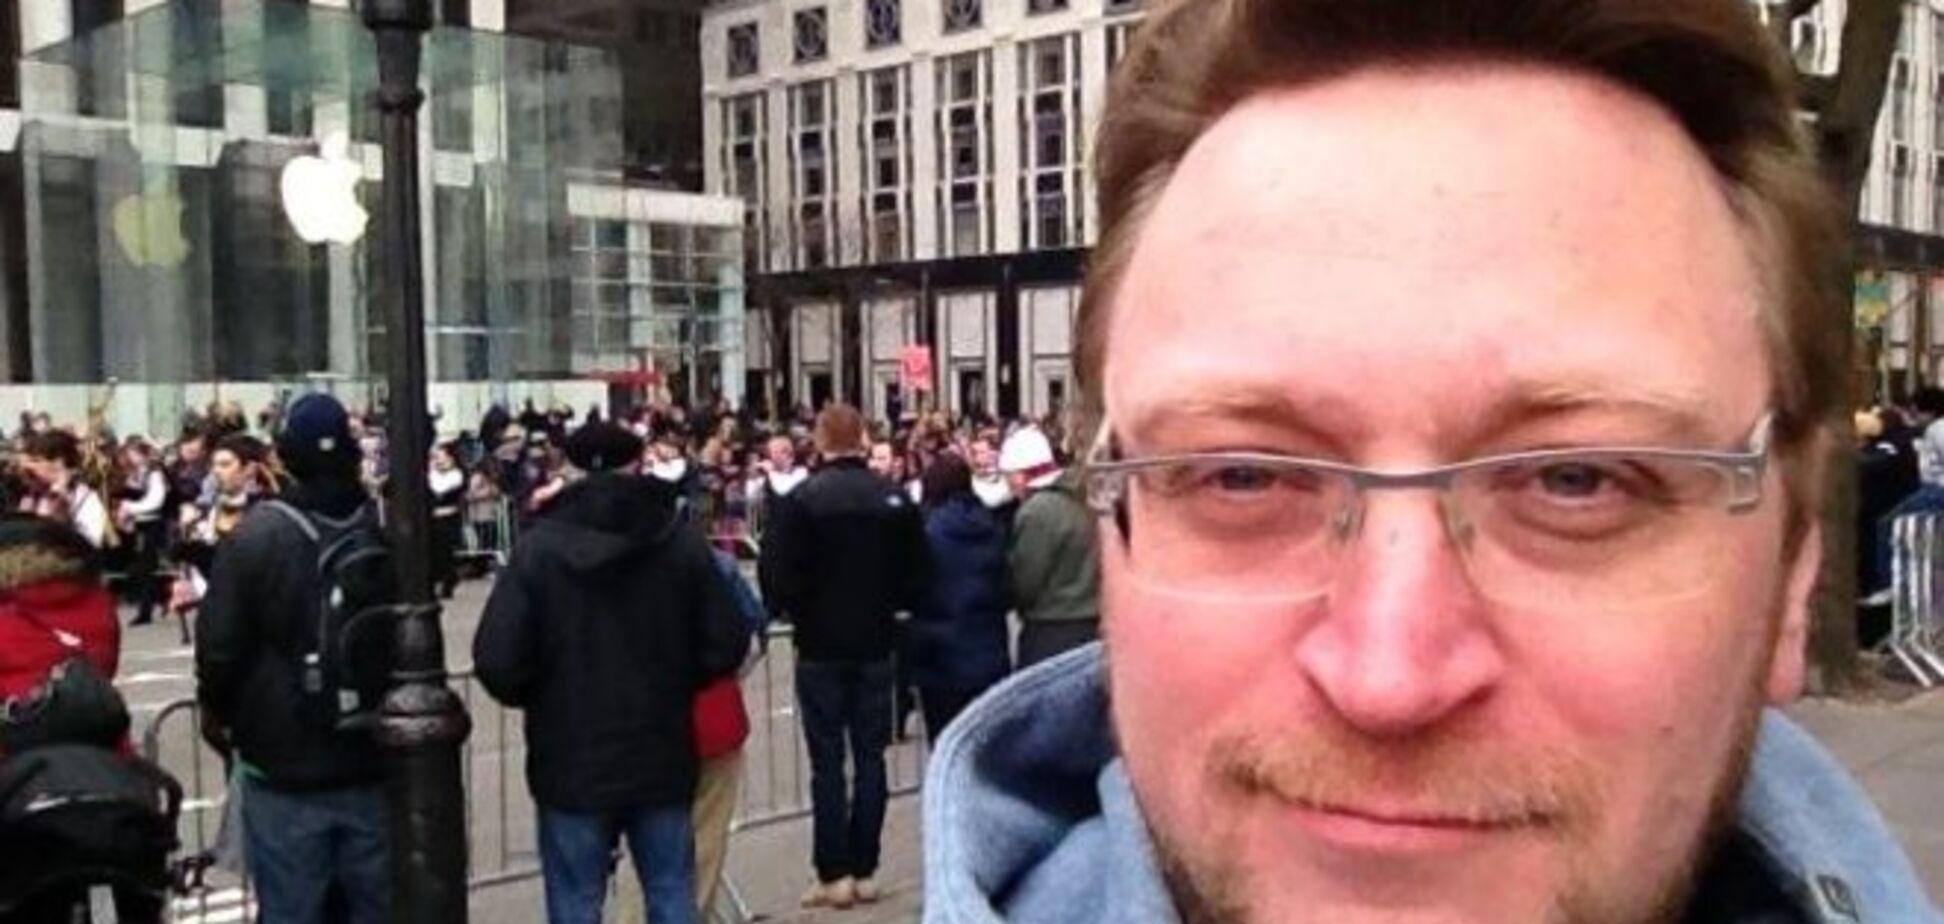 Російський журналіст заявив, що його звільнили за пост в соцмережі на підтримку України